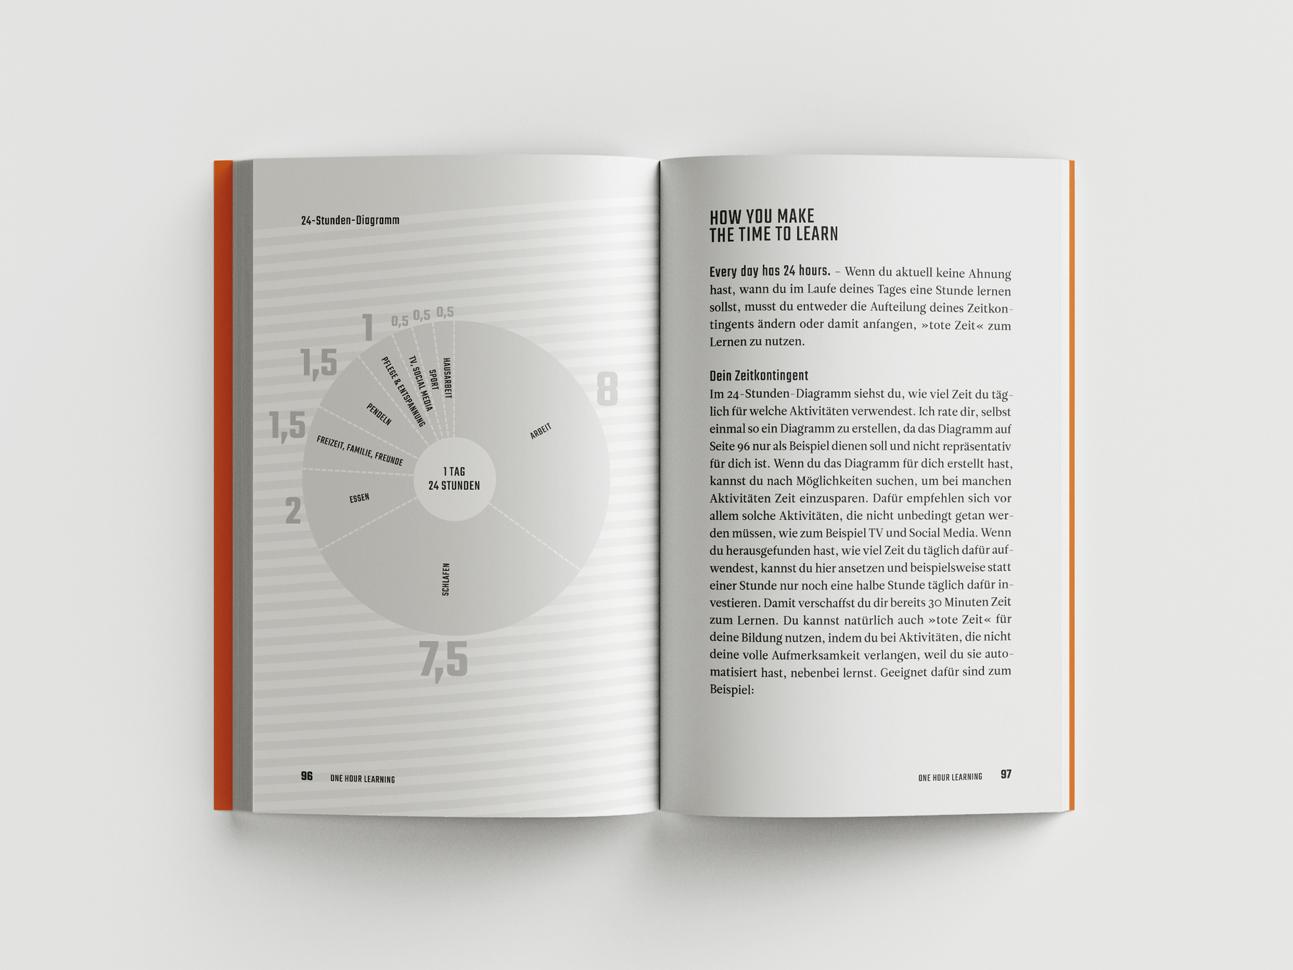 martin zech design, buchgestaltung, fabian schwaiger, power up, doppelseite 6